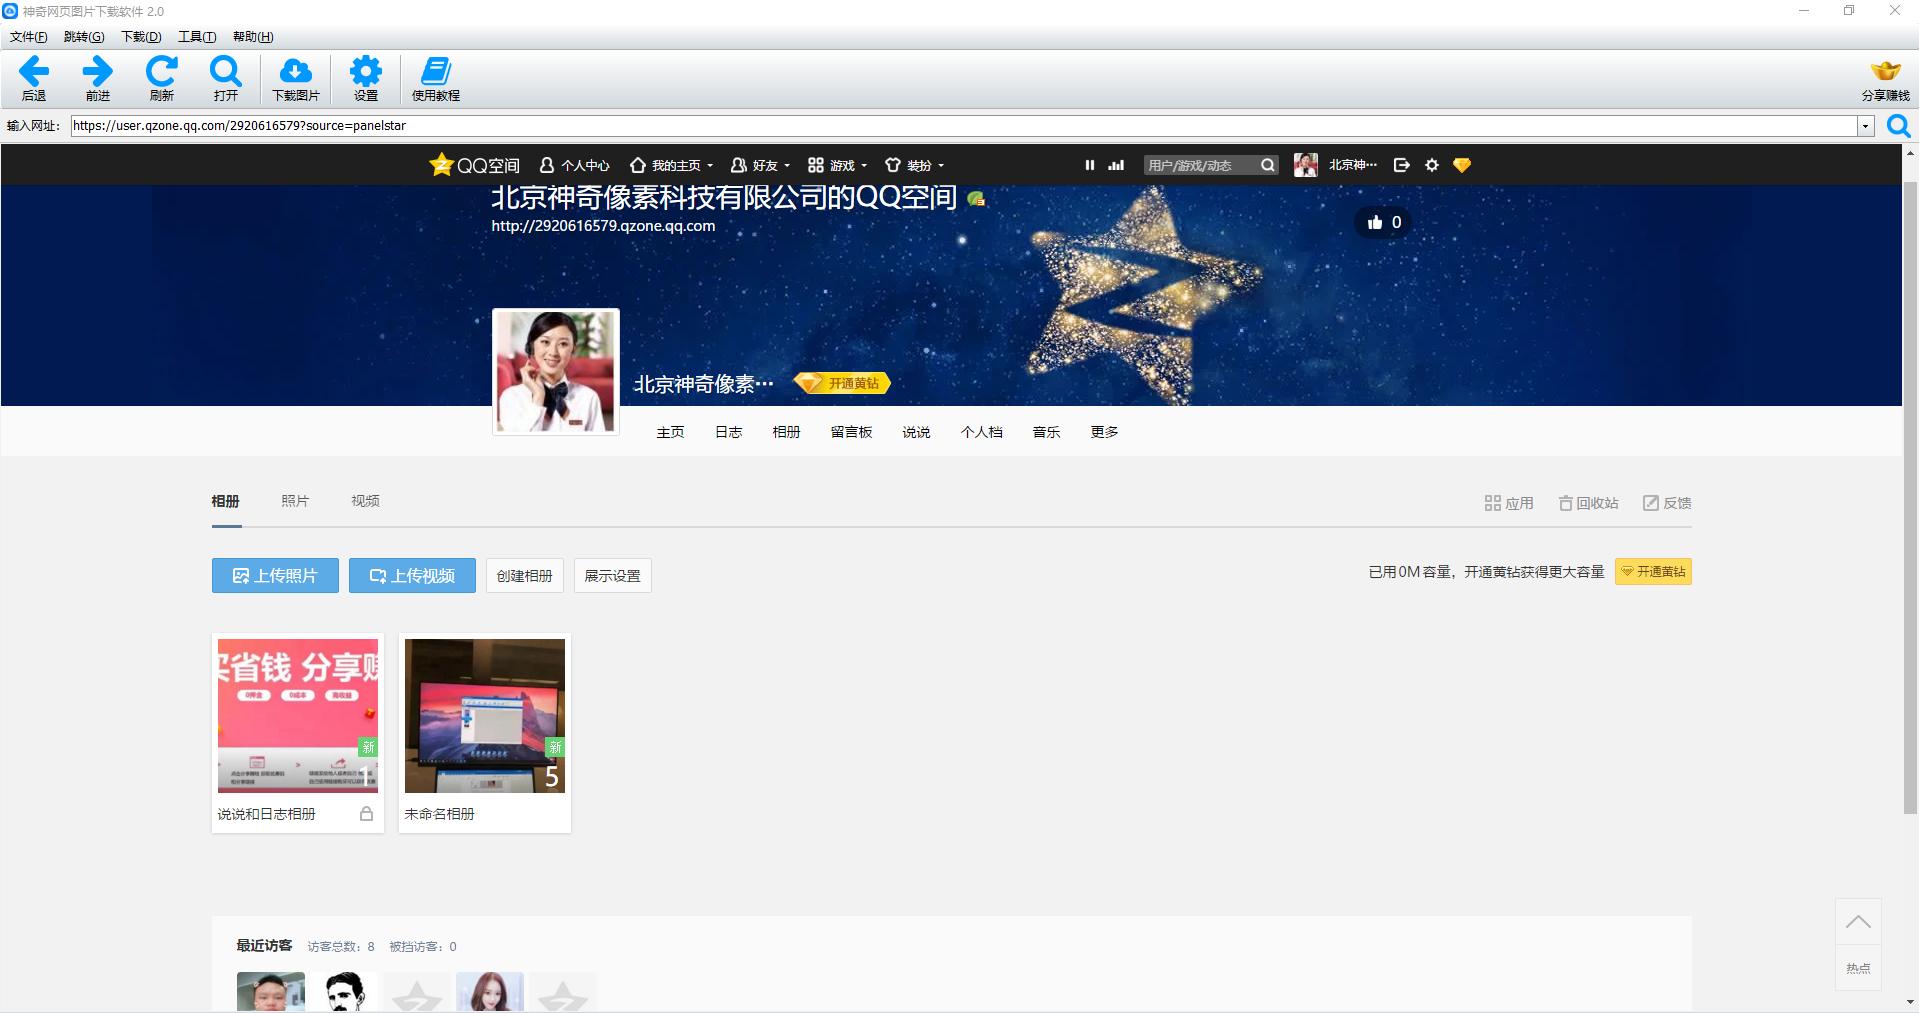 神奇网页图片下载软件下载QQ相册图片3